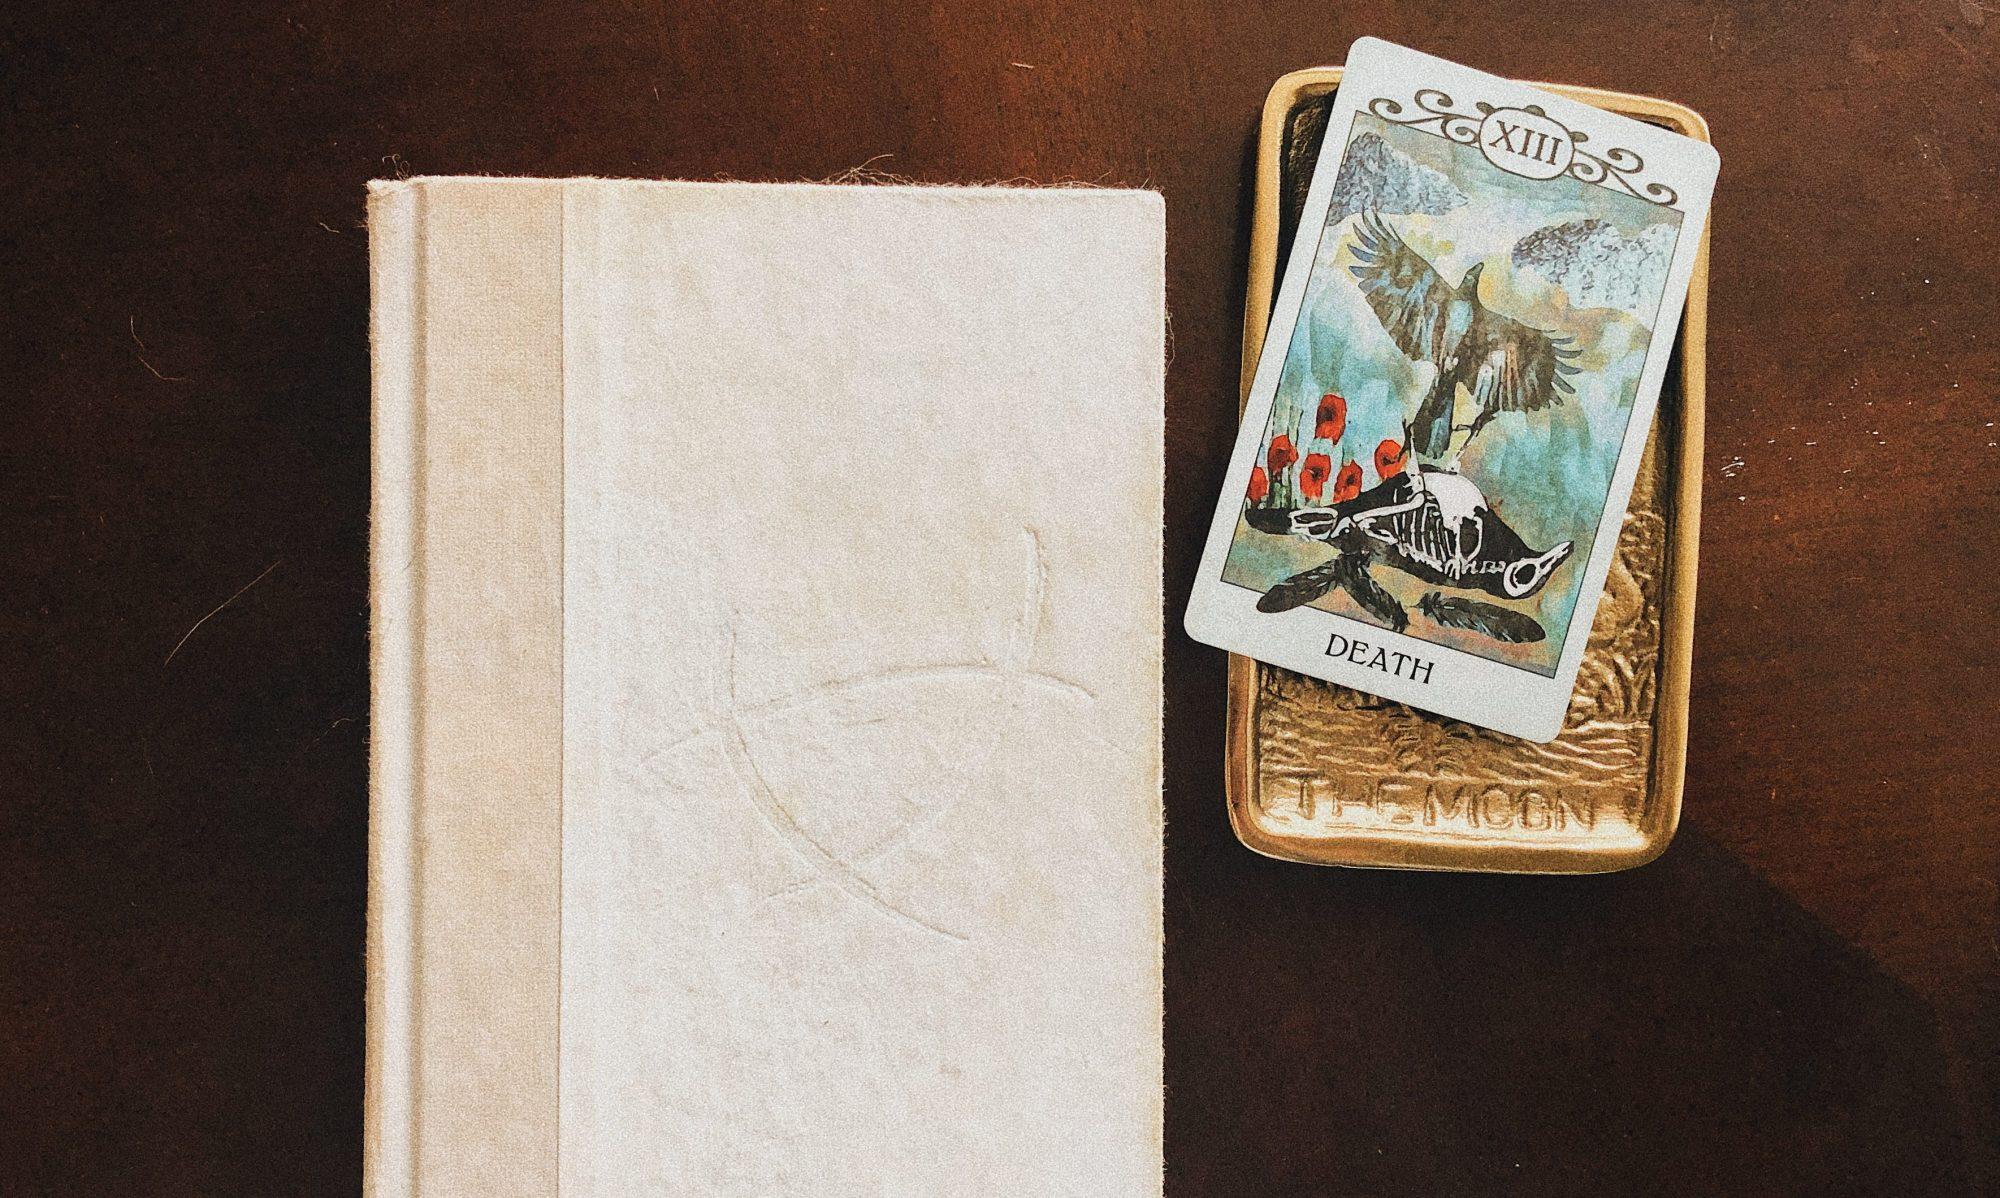 Abigail's Book Self